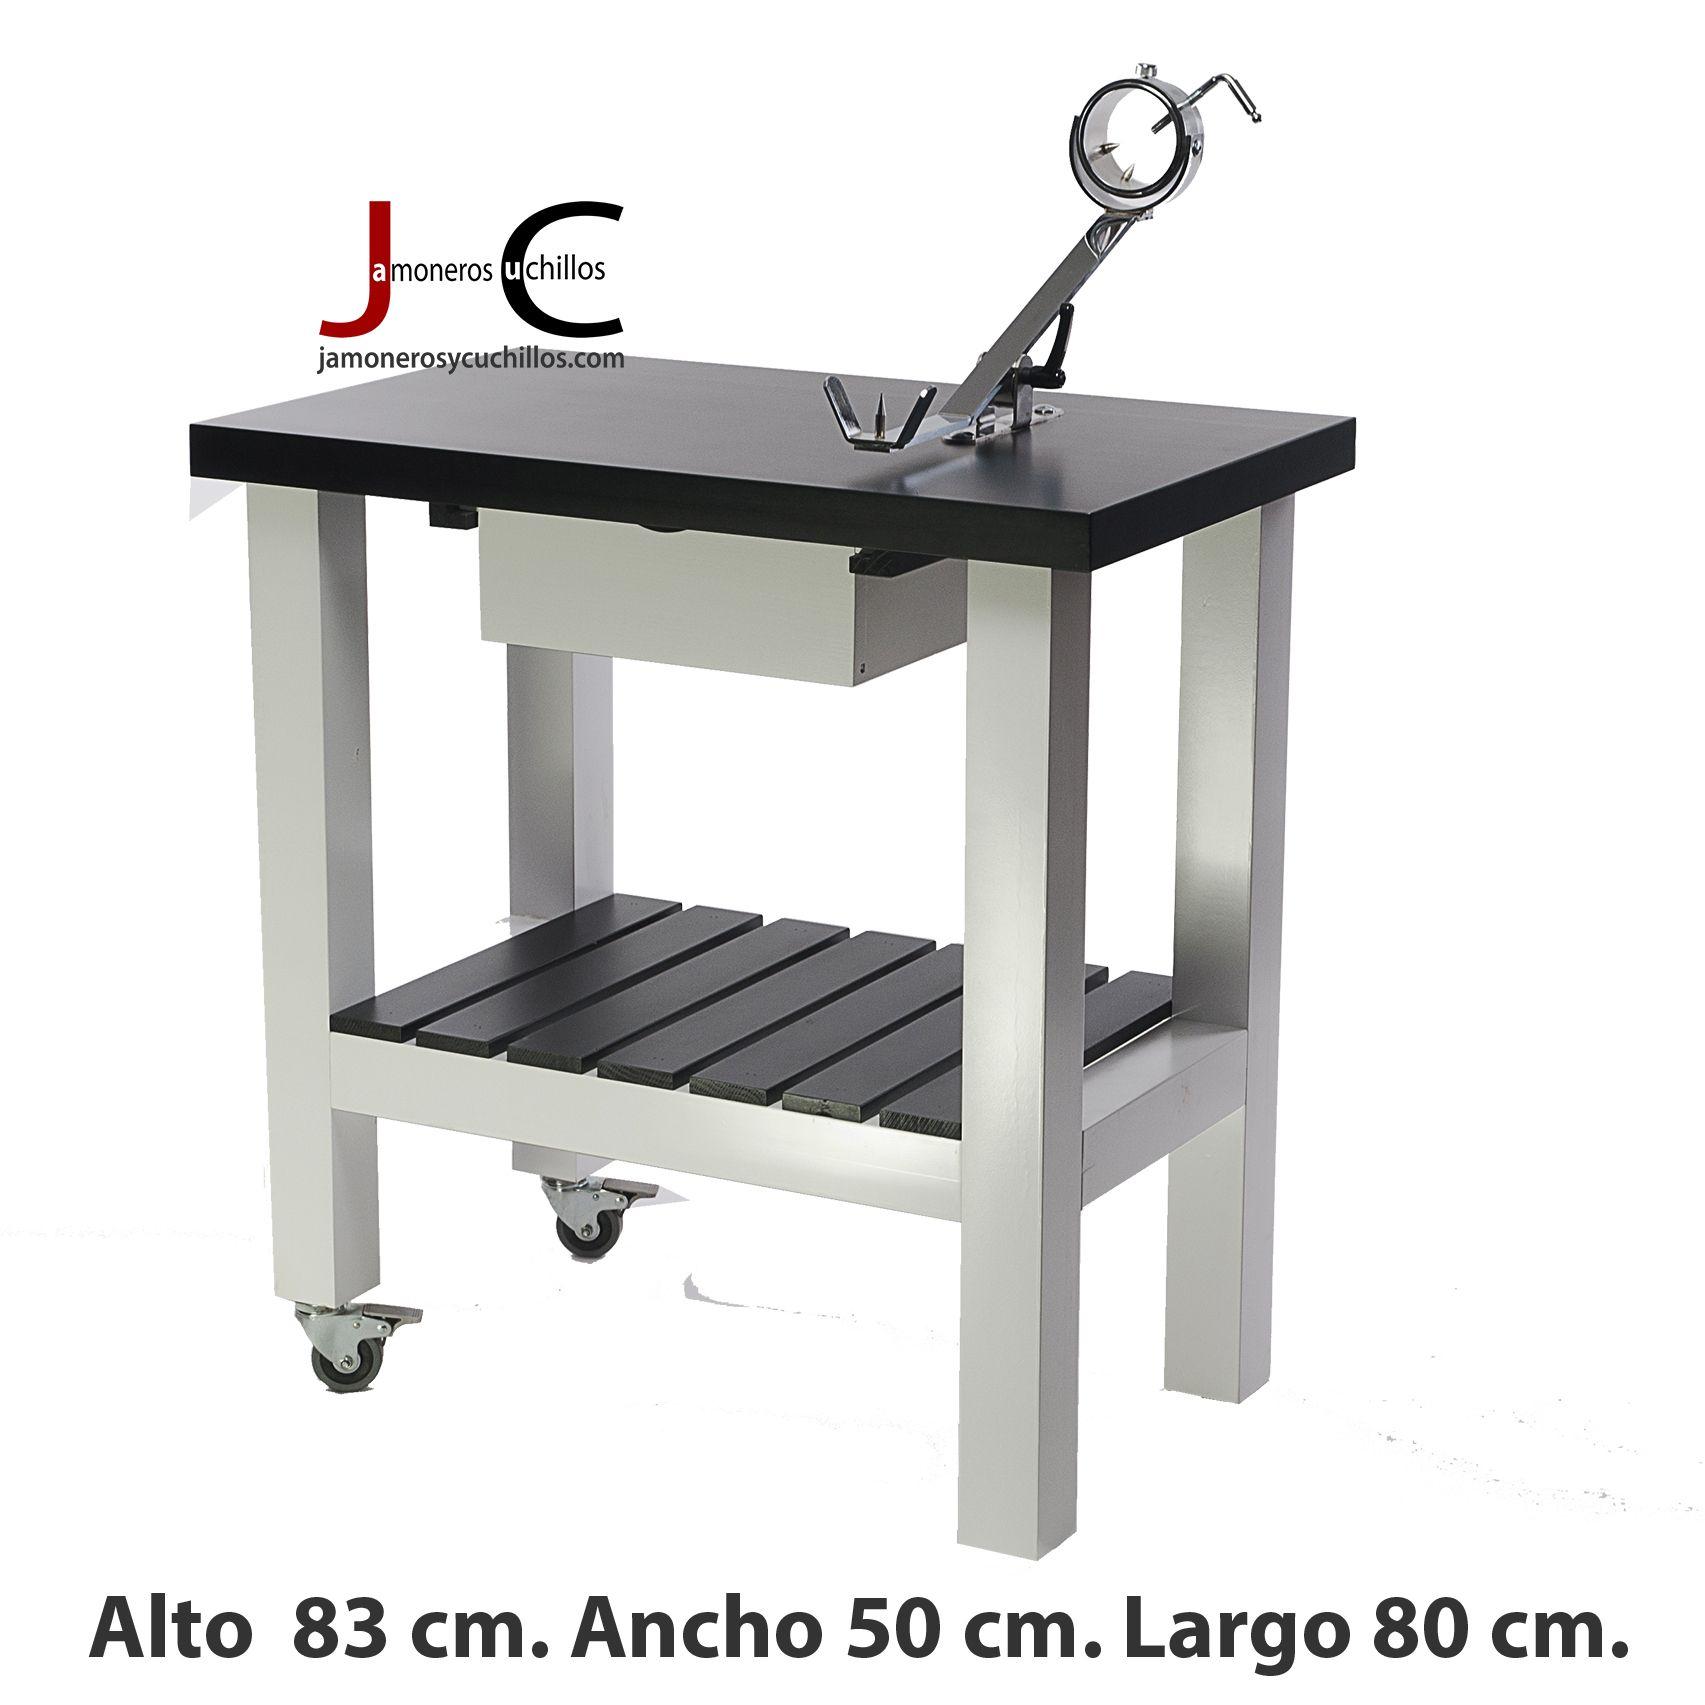 mesa jamonera lacada dos colores blanco y negro con jamonero balancin.jpg